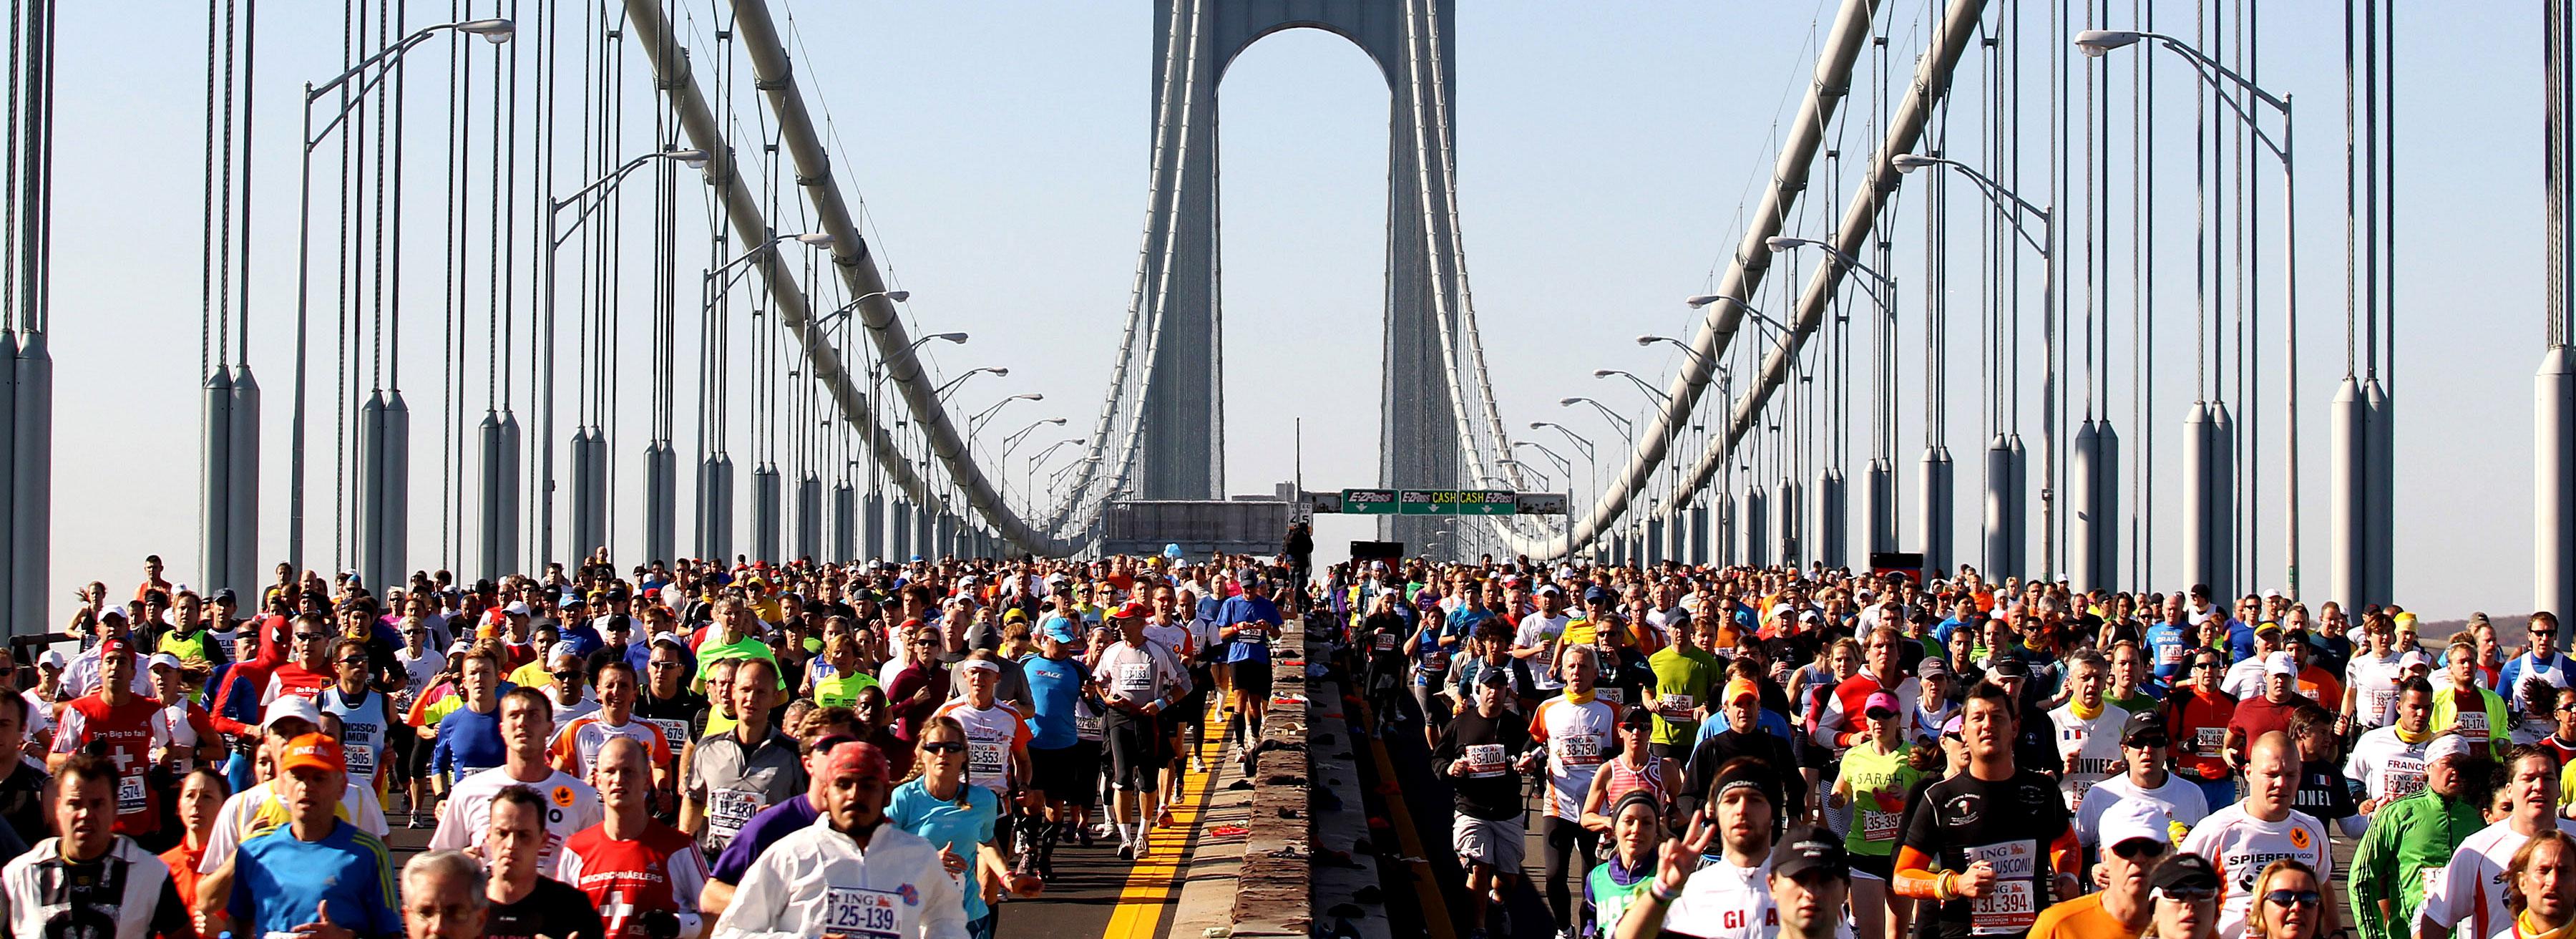 sistime-maratona-de-nova-york